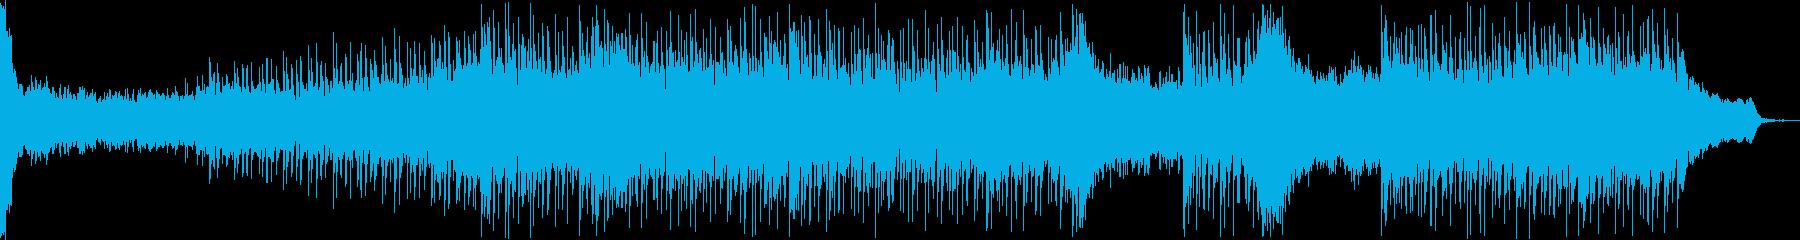 動画 サスペンス アクション 期待...の再生済みの波形